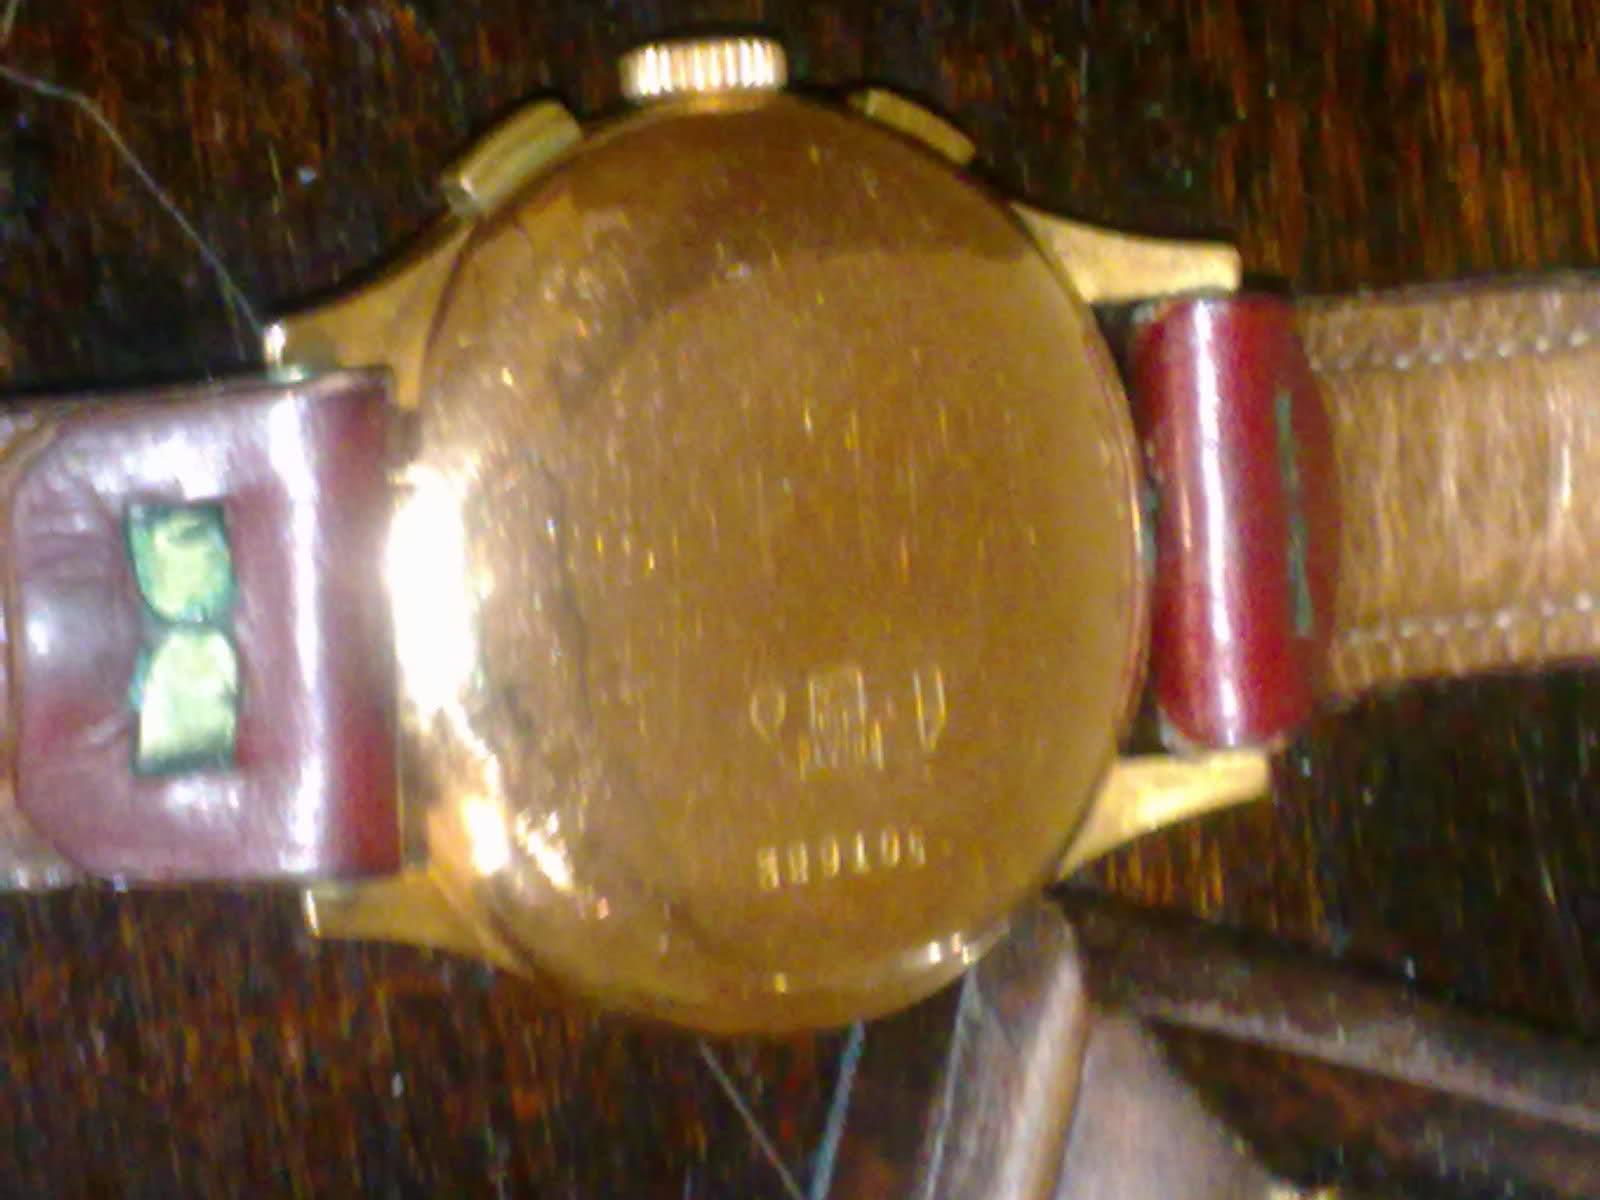 Une aide pour identifier cette montre chronographe... 6rsvwg